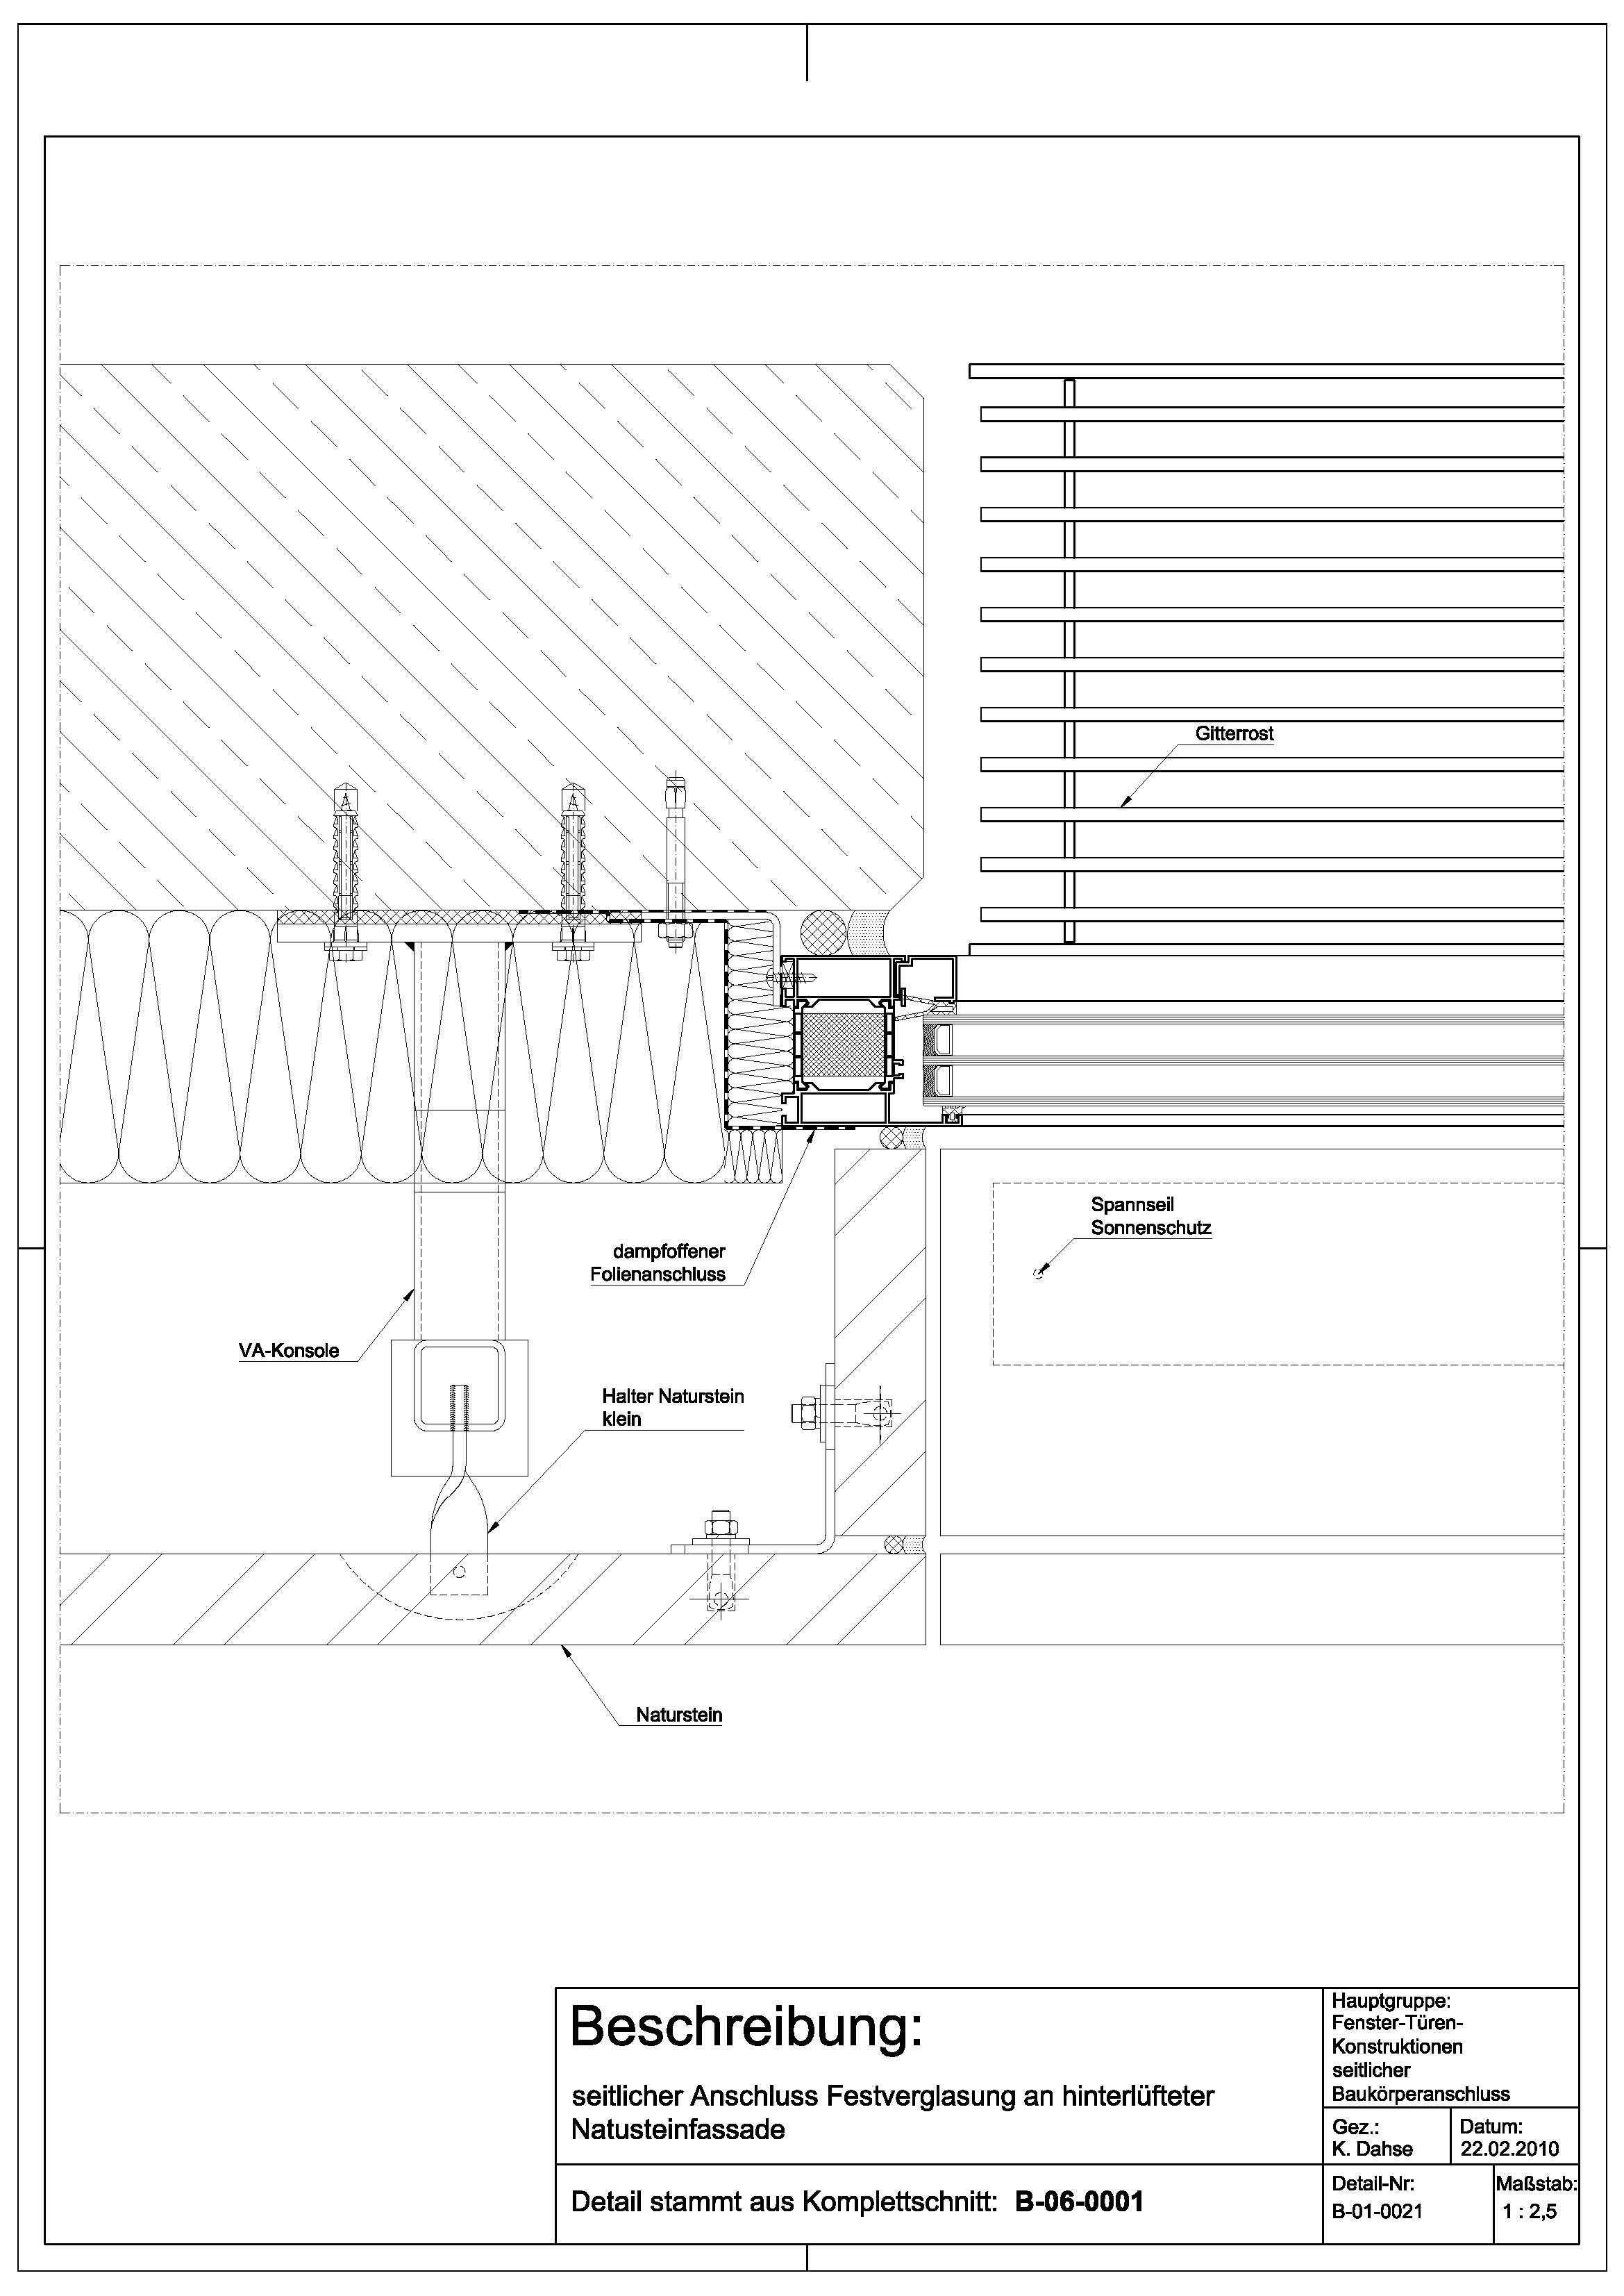 Tür detail grundriss  B-01-0021 Anschluss Festverglasung an hinterlüfteter ...